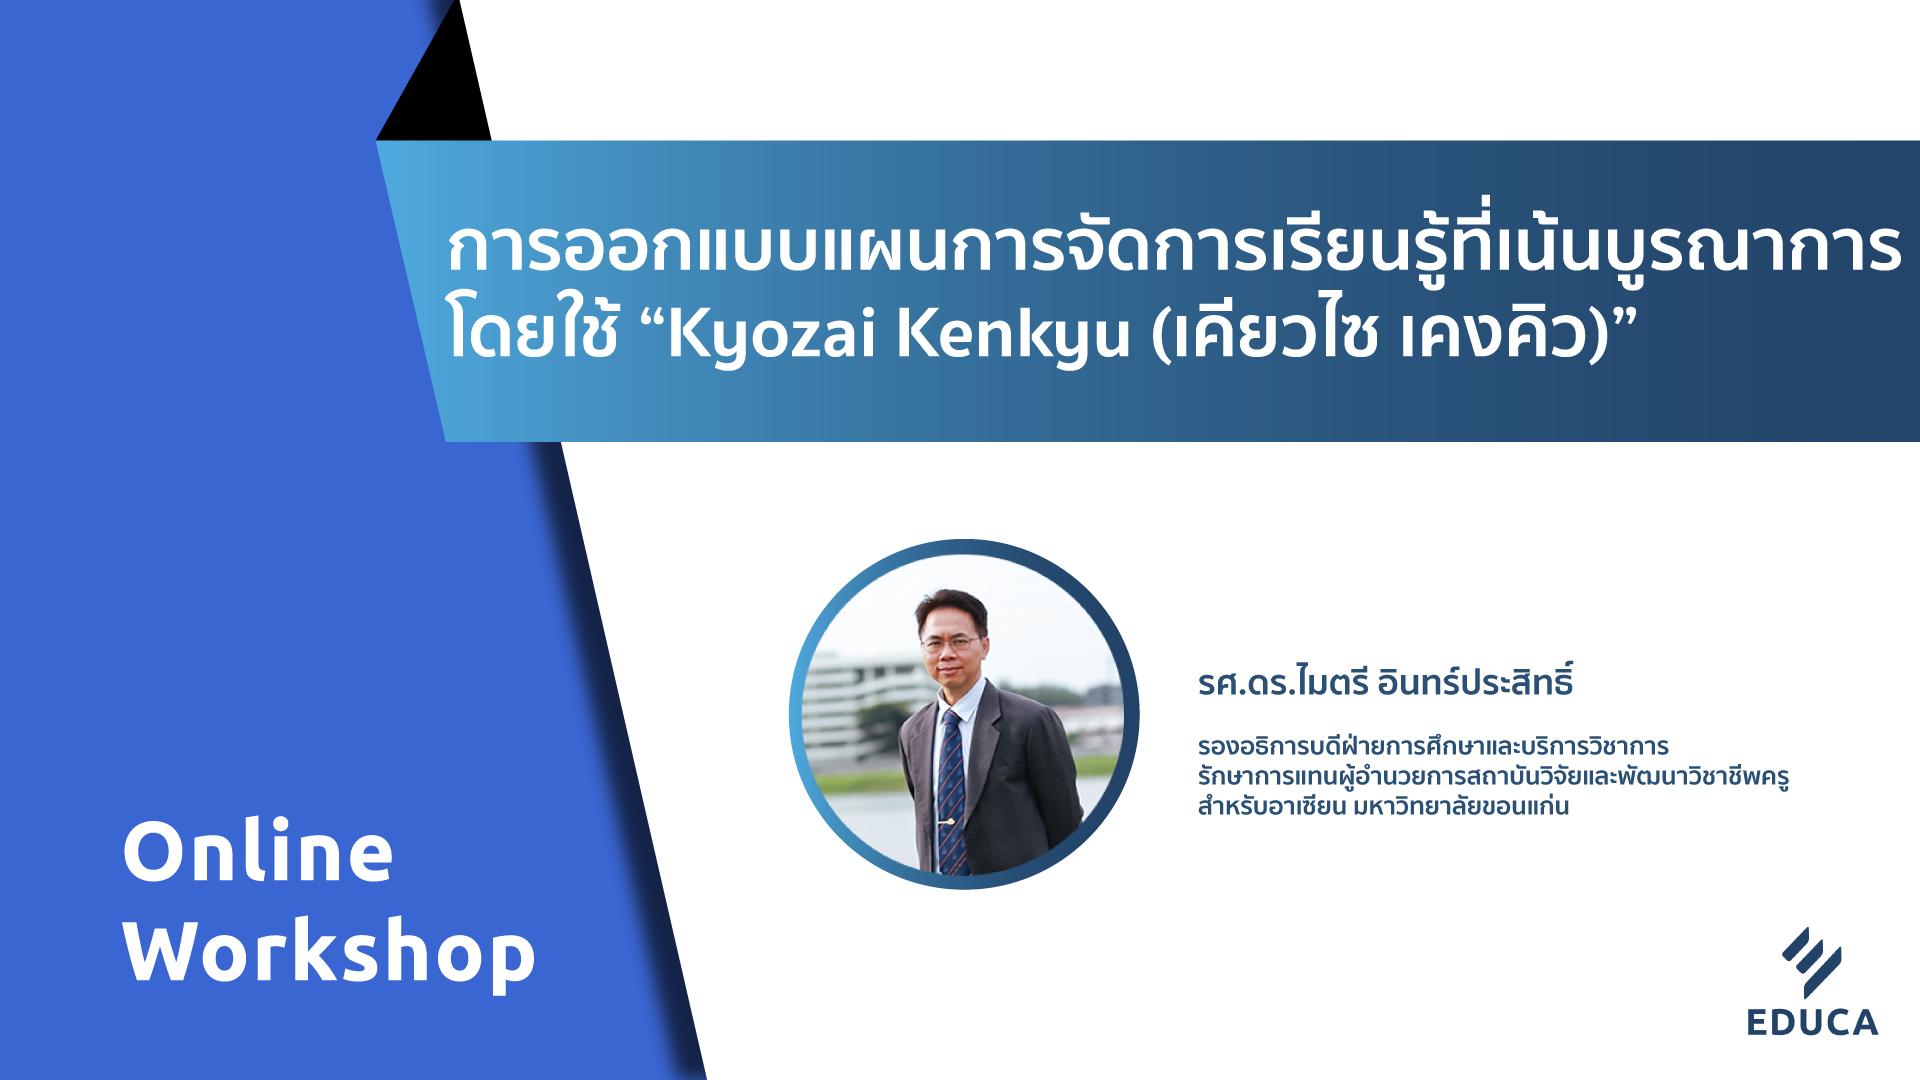 """การออกแบบแผนการจัดการเรียนรู้ที่เน้นบูรณาการ โดยใช้ """"Kyozai Kenkyu (เคียวไซ เคงคิว)"""""""